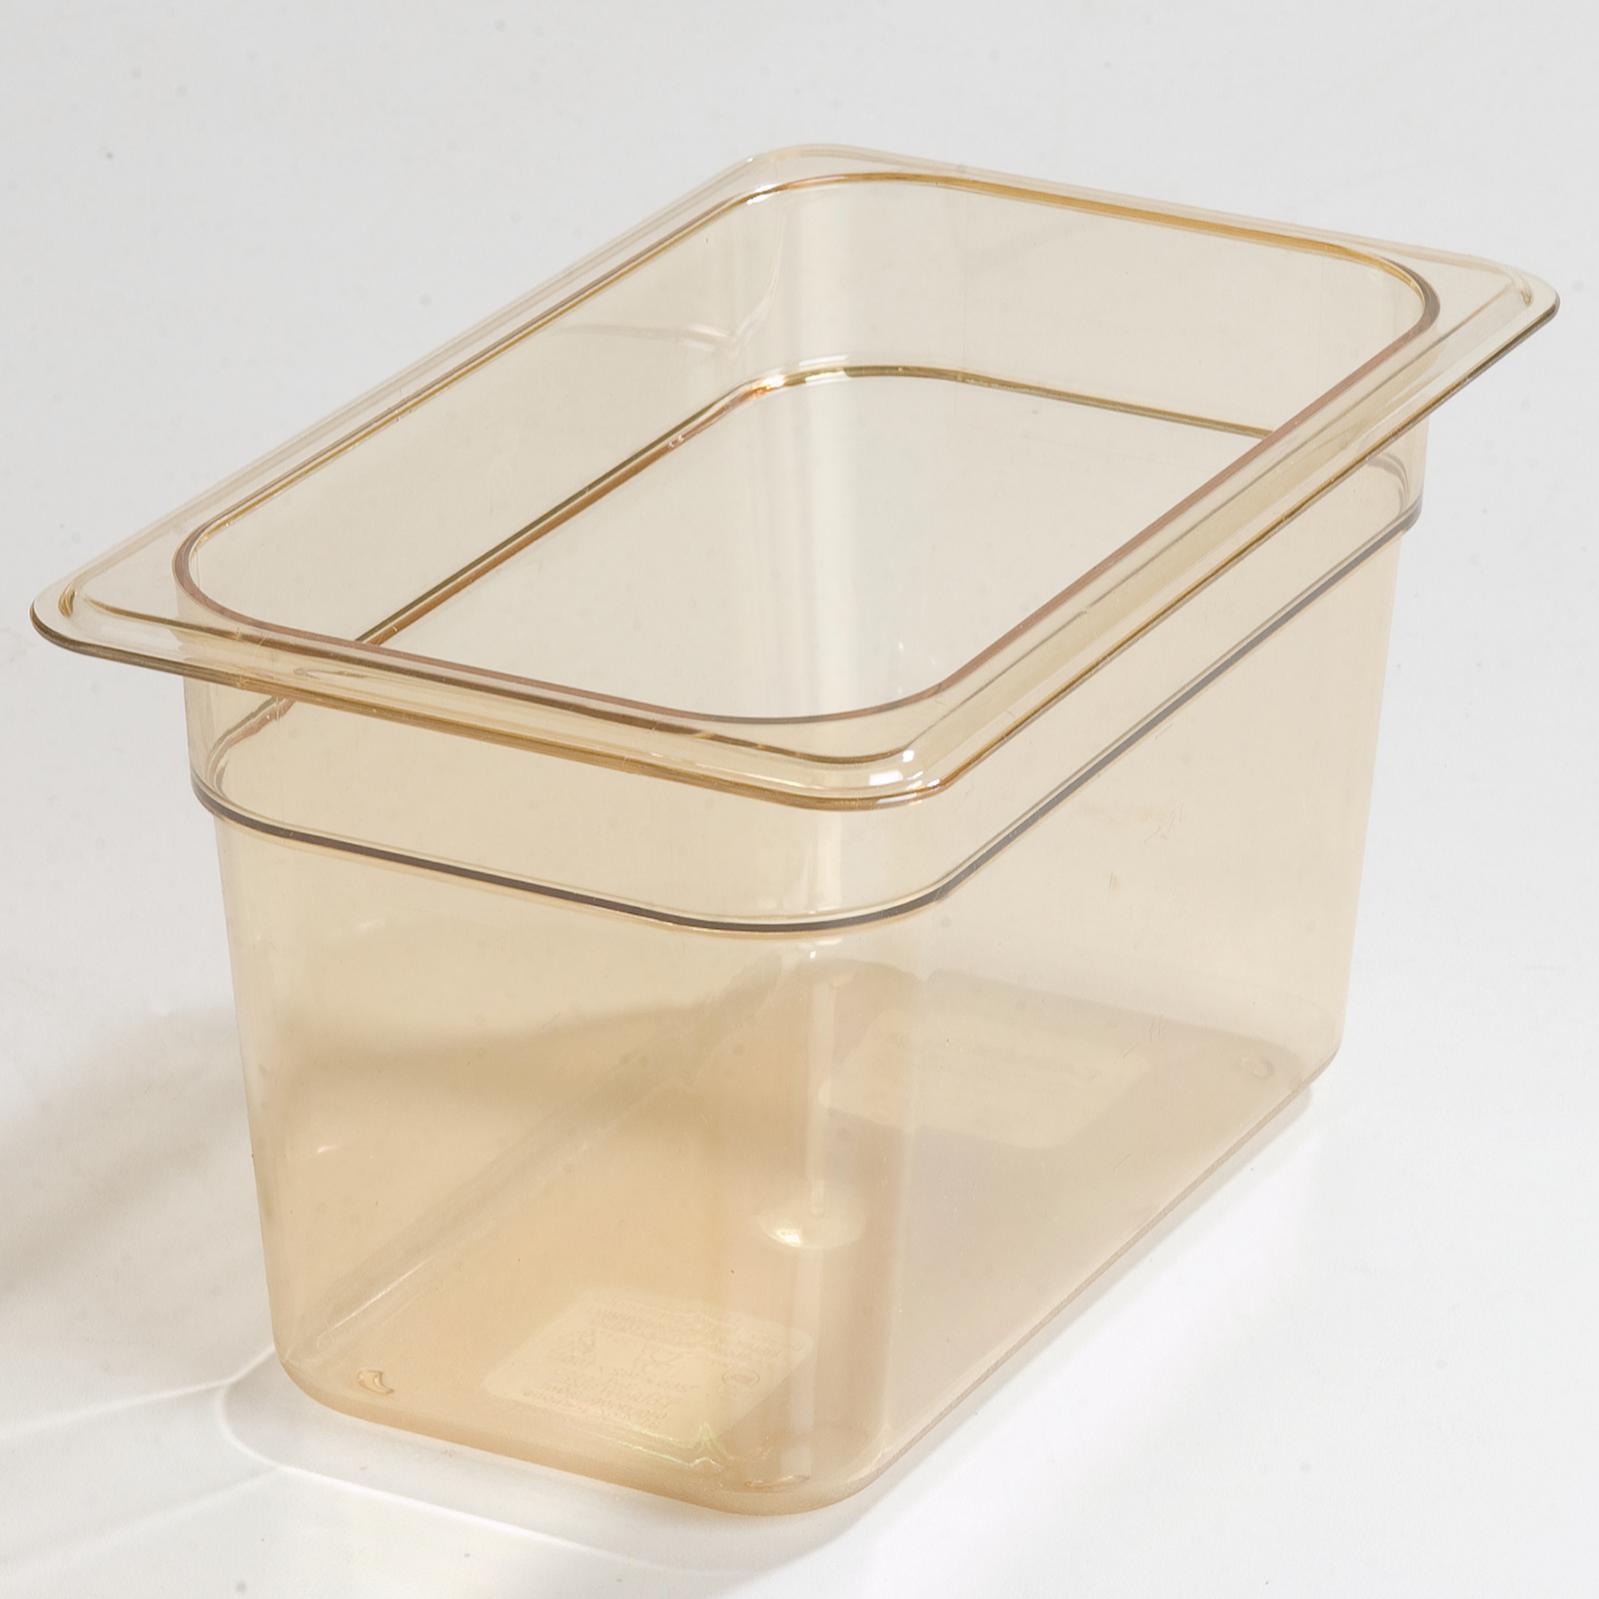 2410-131 Carlisle Food Pan Cover, Hi-Temp Plastic, 1/4size Lid w/handle